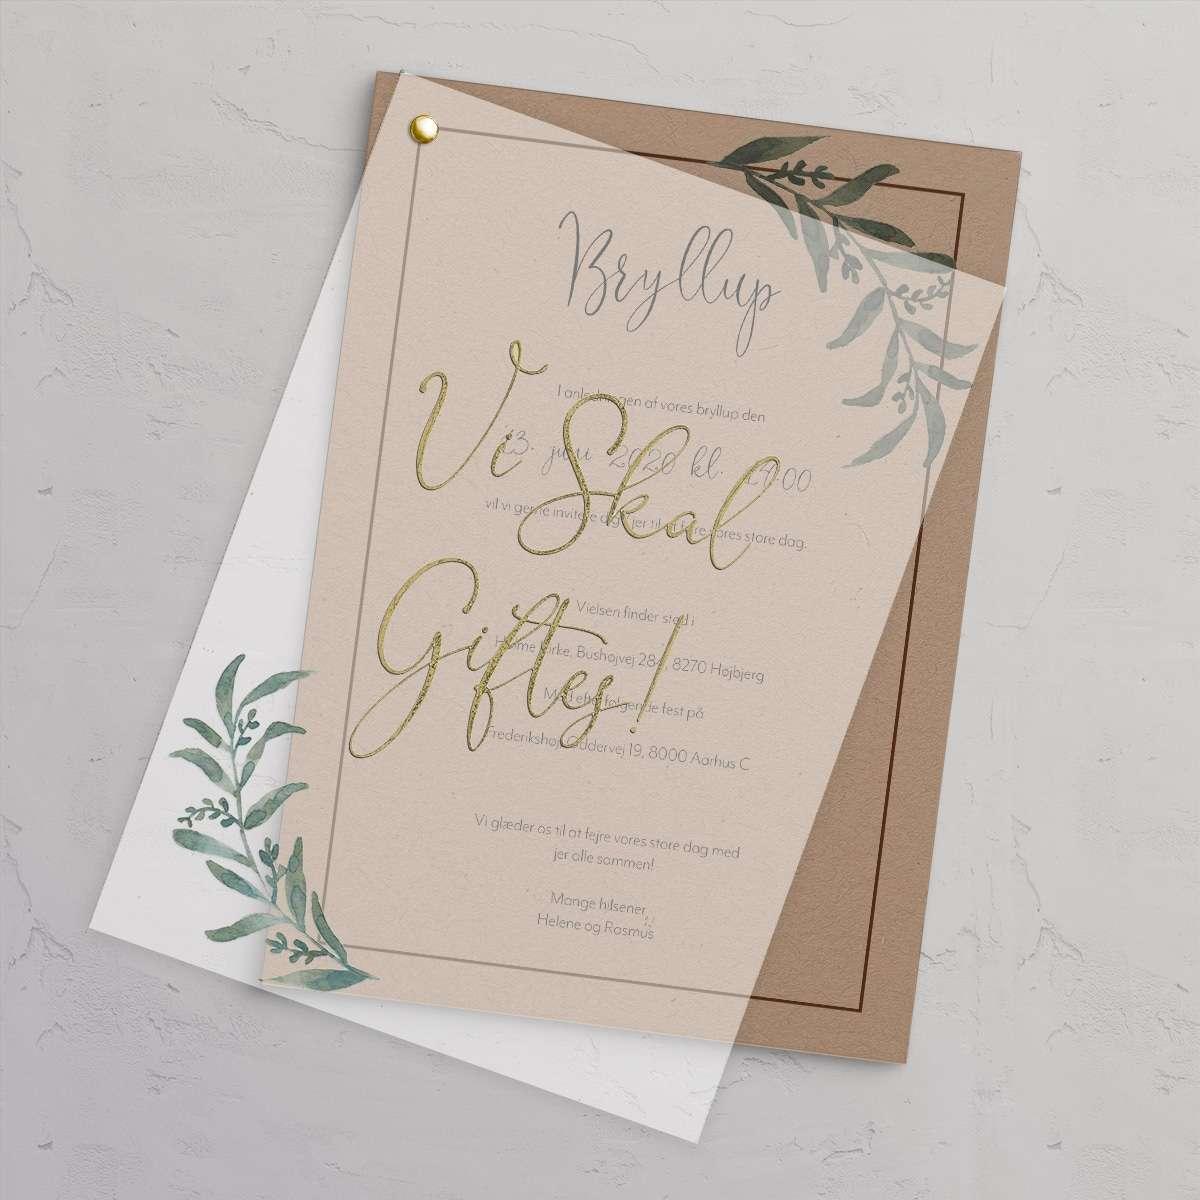 Bryllupsinvitationen Golden Branches rustik og naturlig bryllupsinvitation trykt på genbrugspapir med vellum (kalkerpapir) forside med antique gold folie.